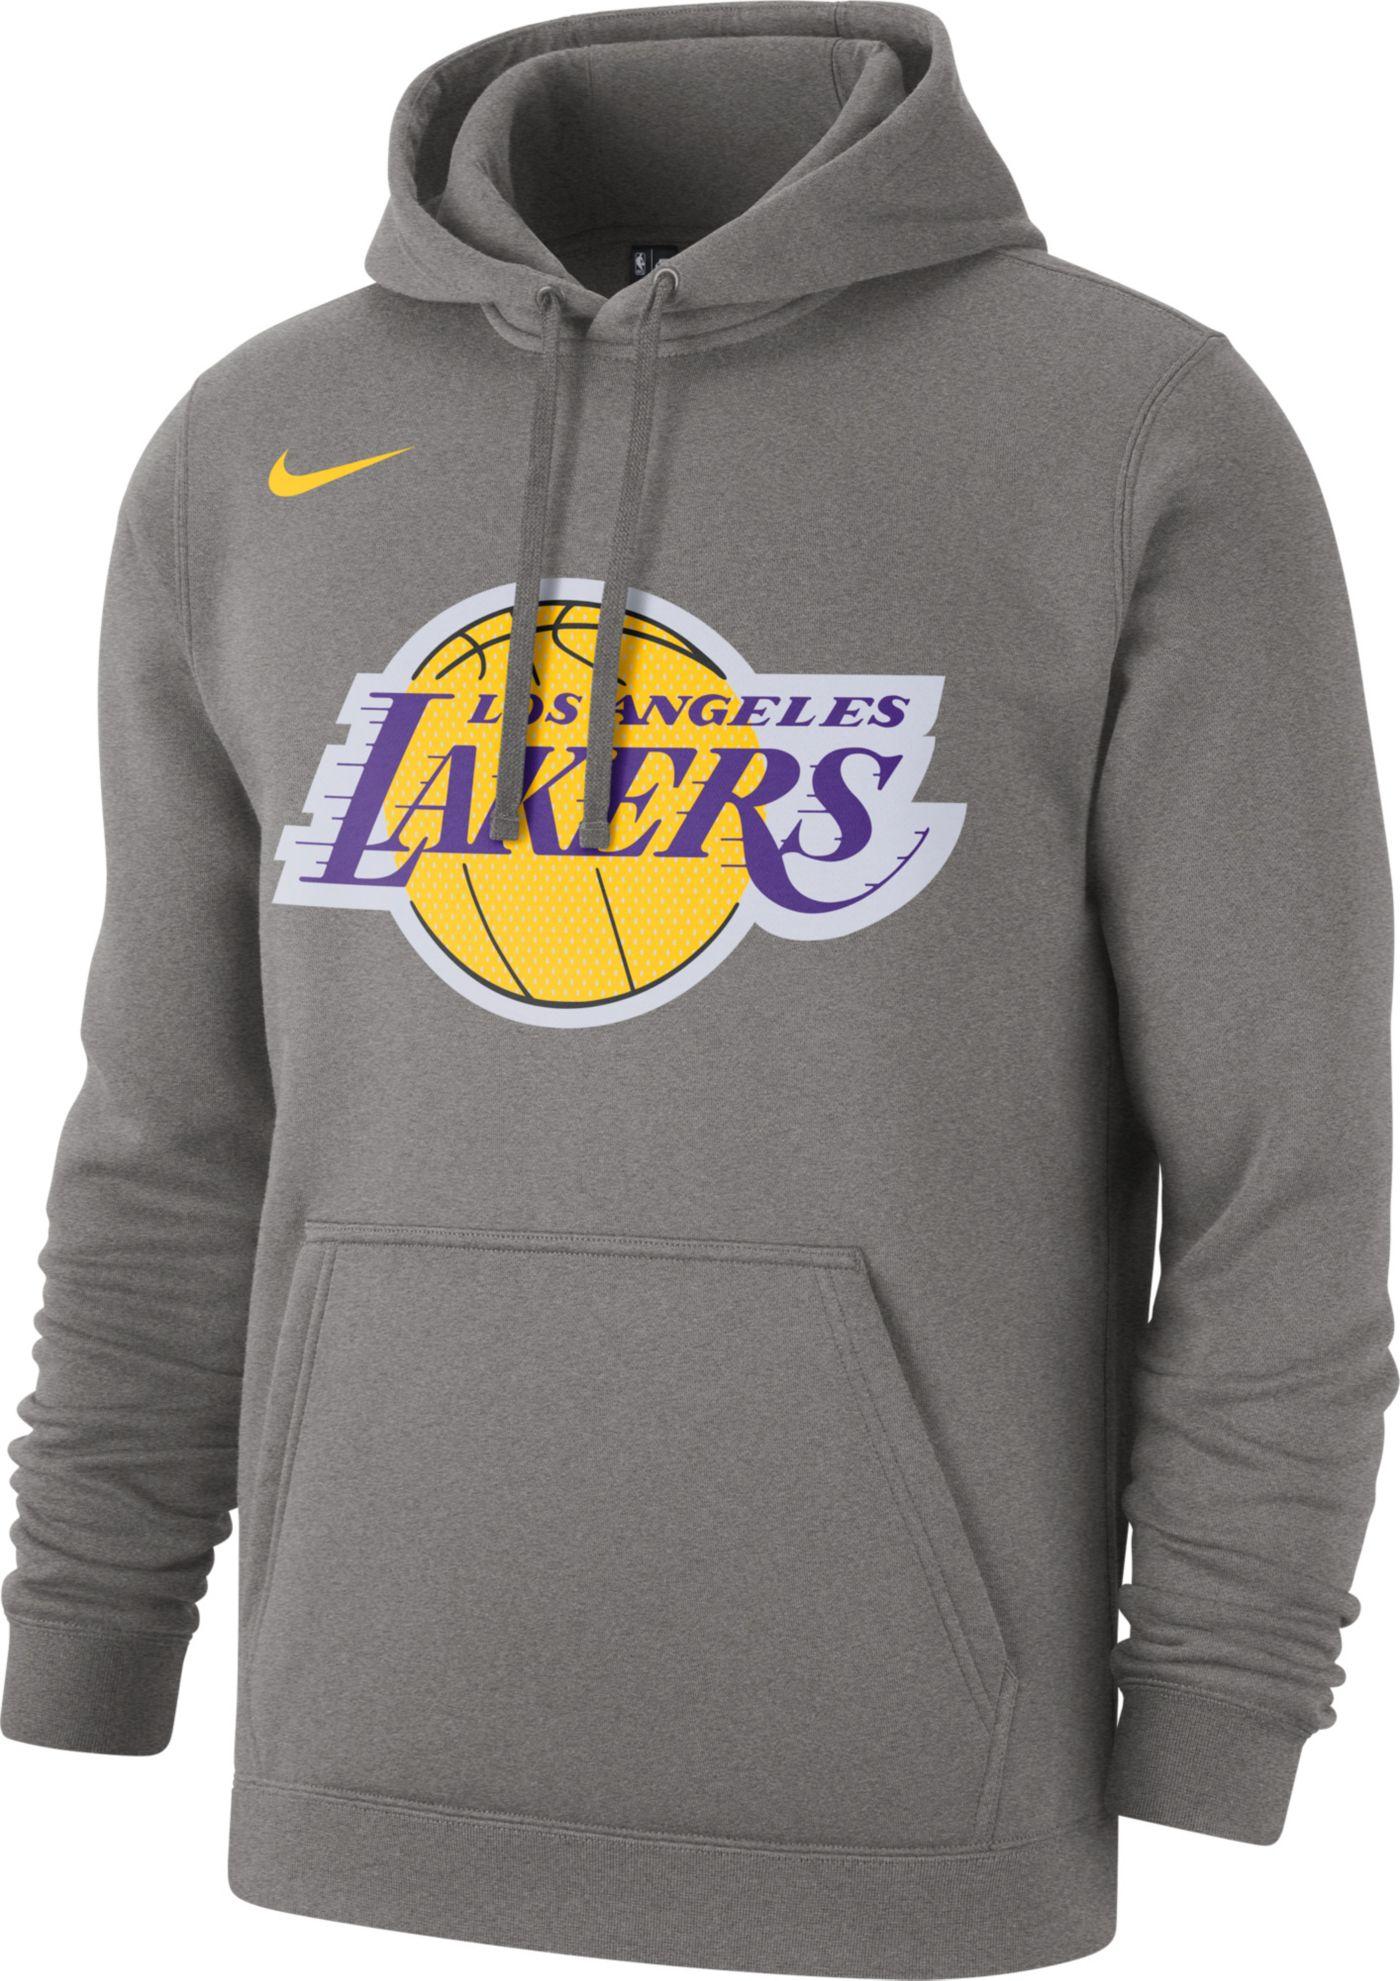 Nike Men's Los Angeles Lakers Pullover Hoodie